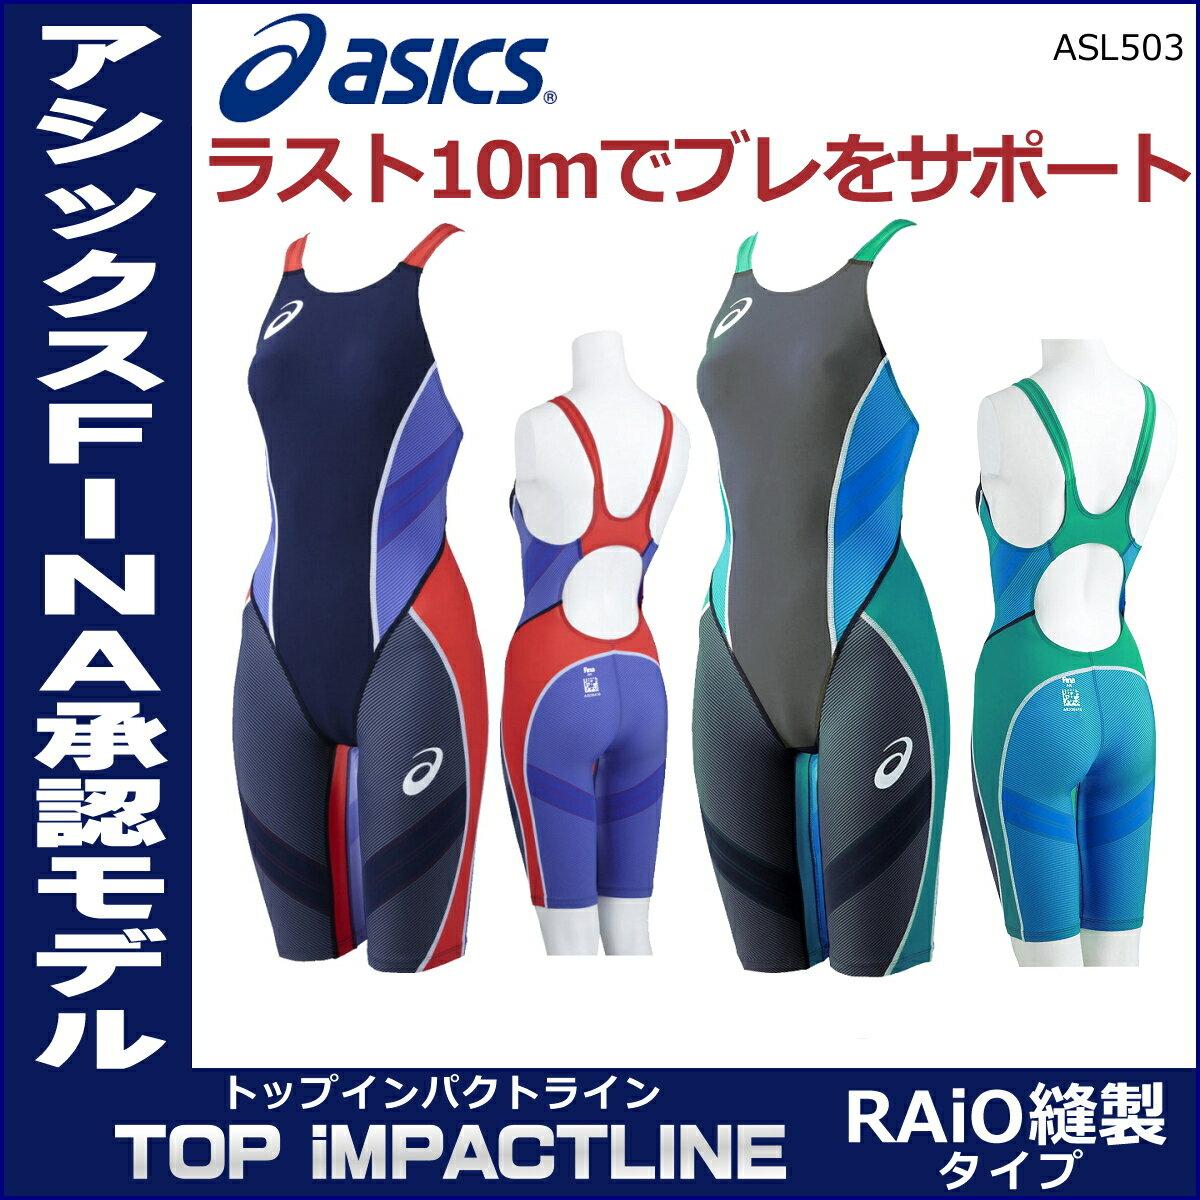 【送料無料】【ポイント10倍】asics アシックス 競泳水着 レディース スイムウェア スイミング TOP iMPACT LINE RAiO縫製タイプ スパッツ fina承認 専用フィッテンググローブ付き ASL503